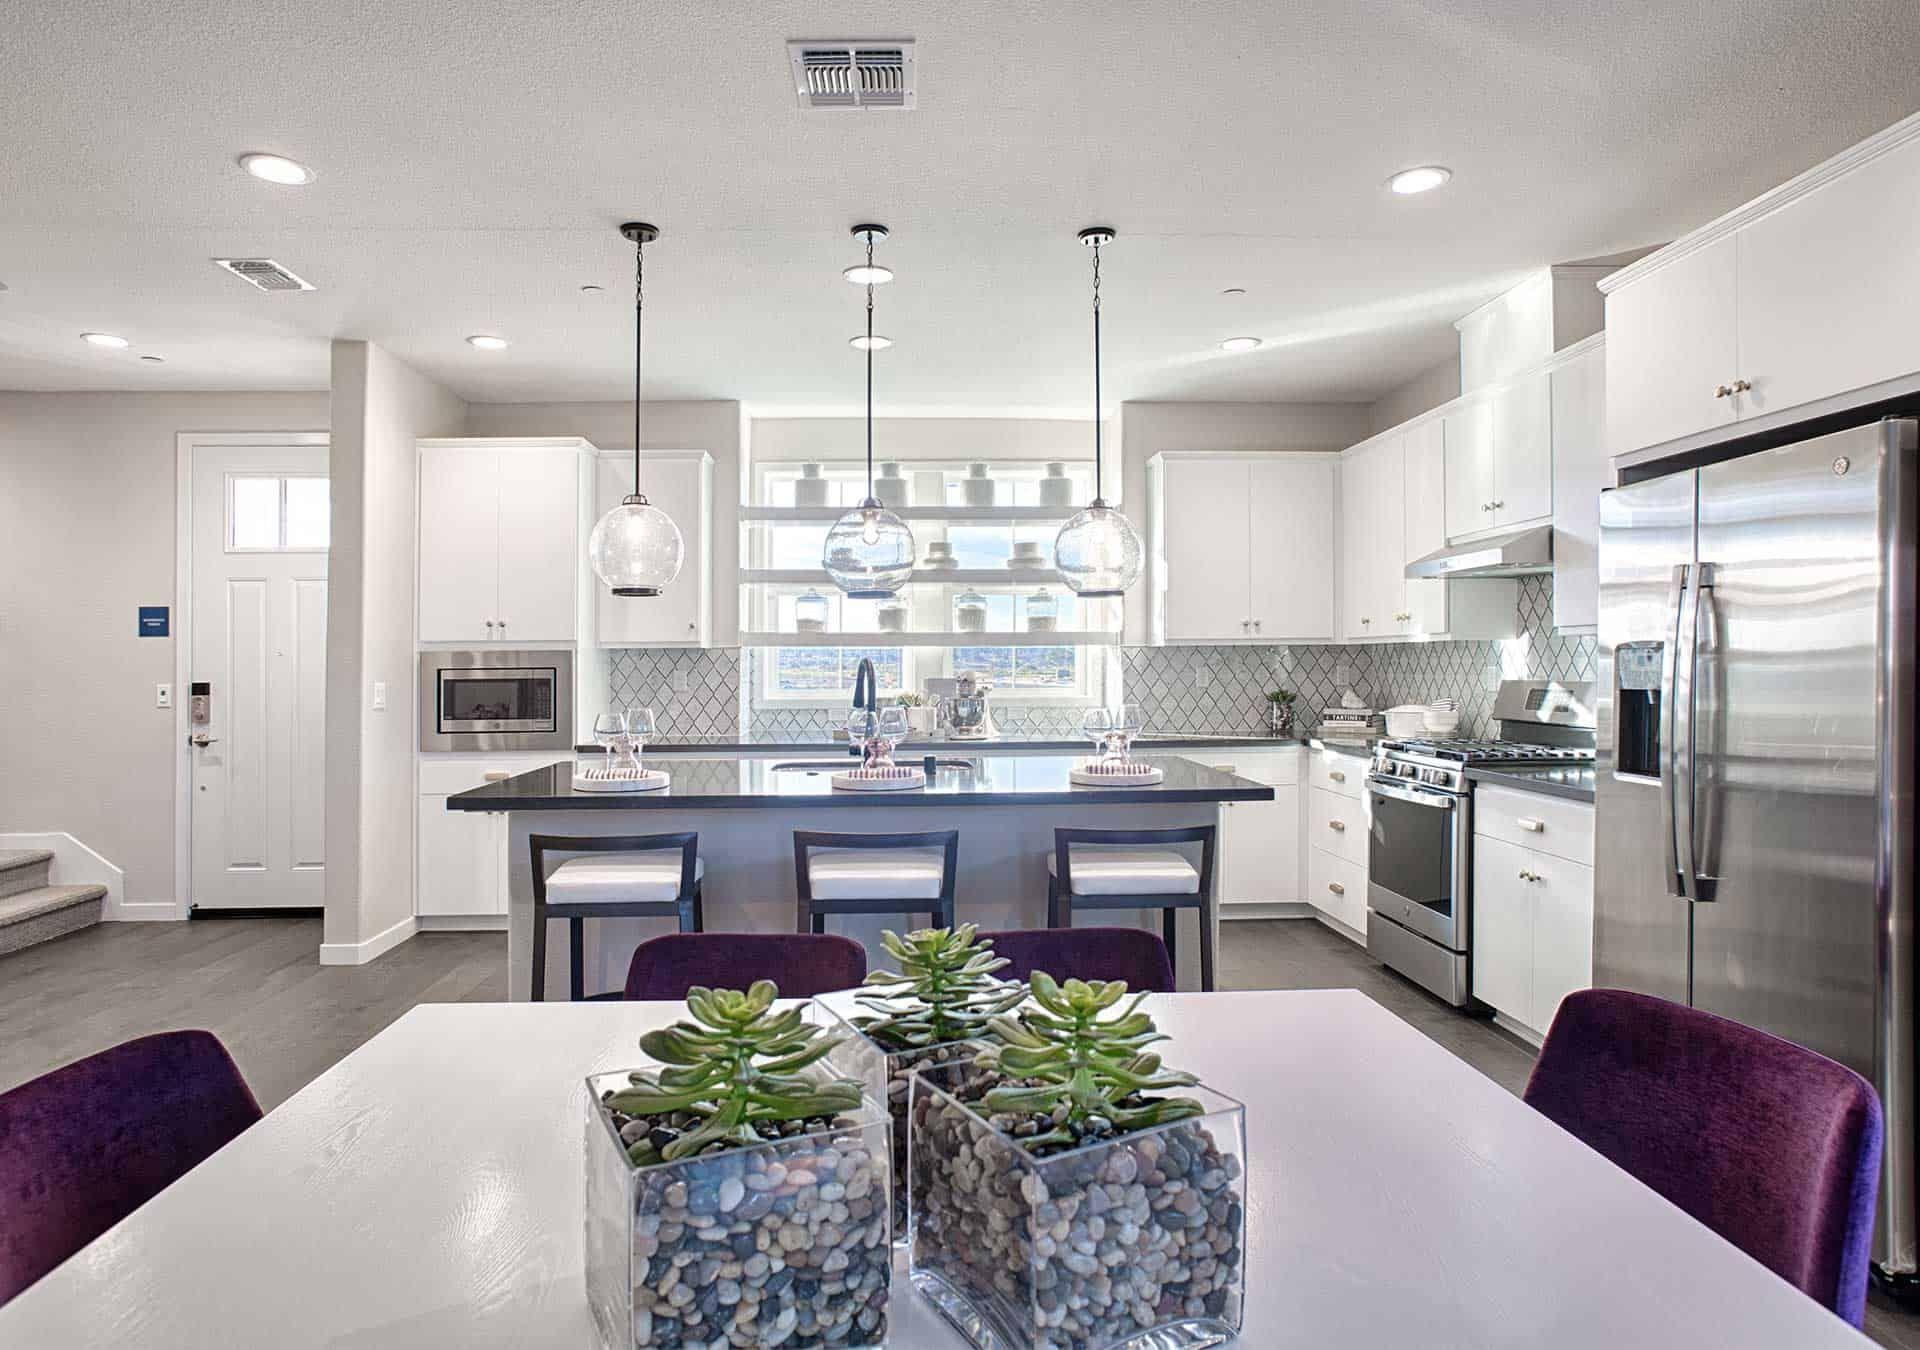 Plan 3 - Entry & Kitchen